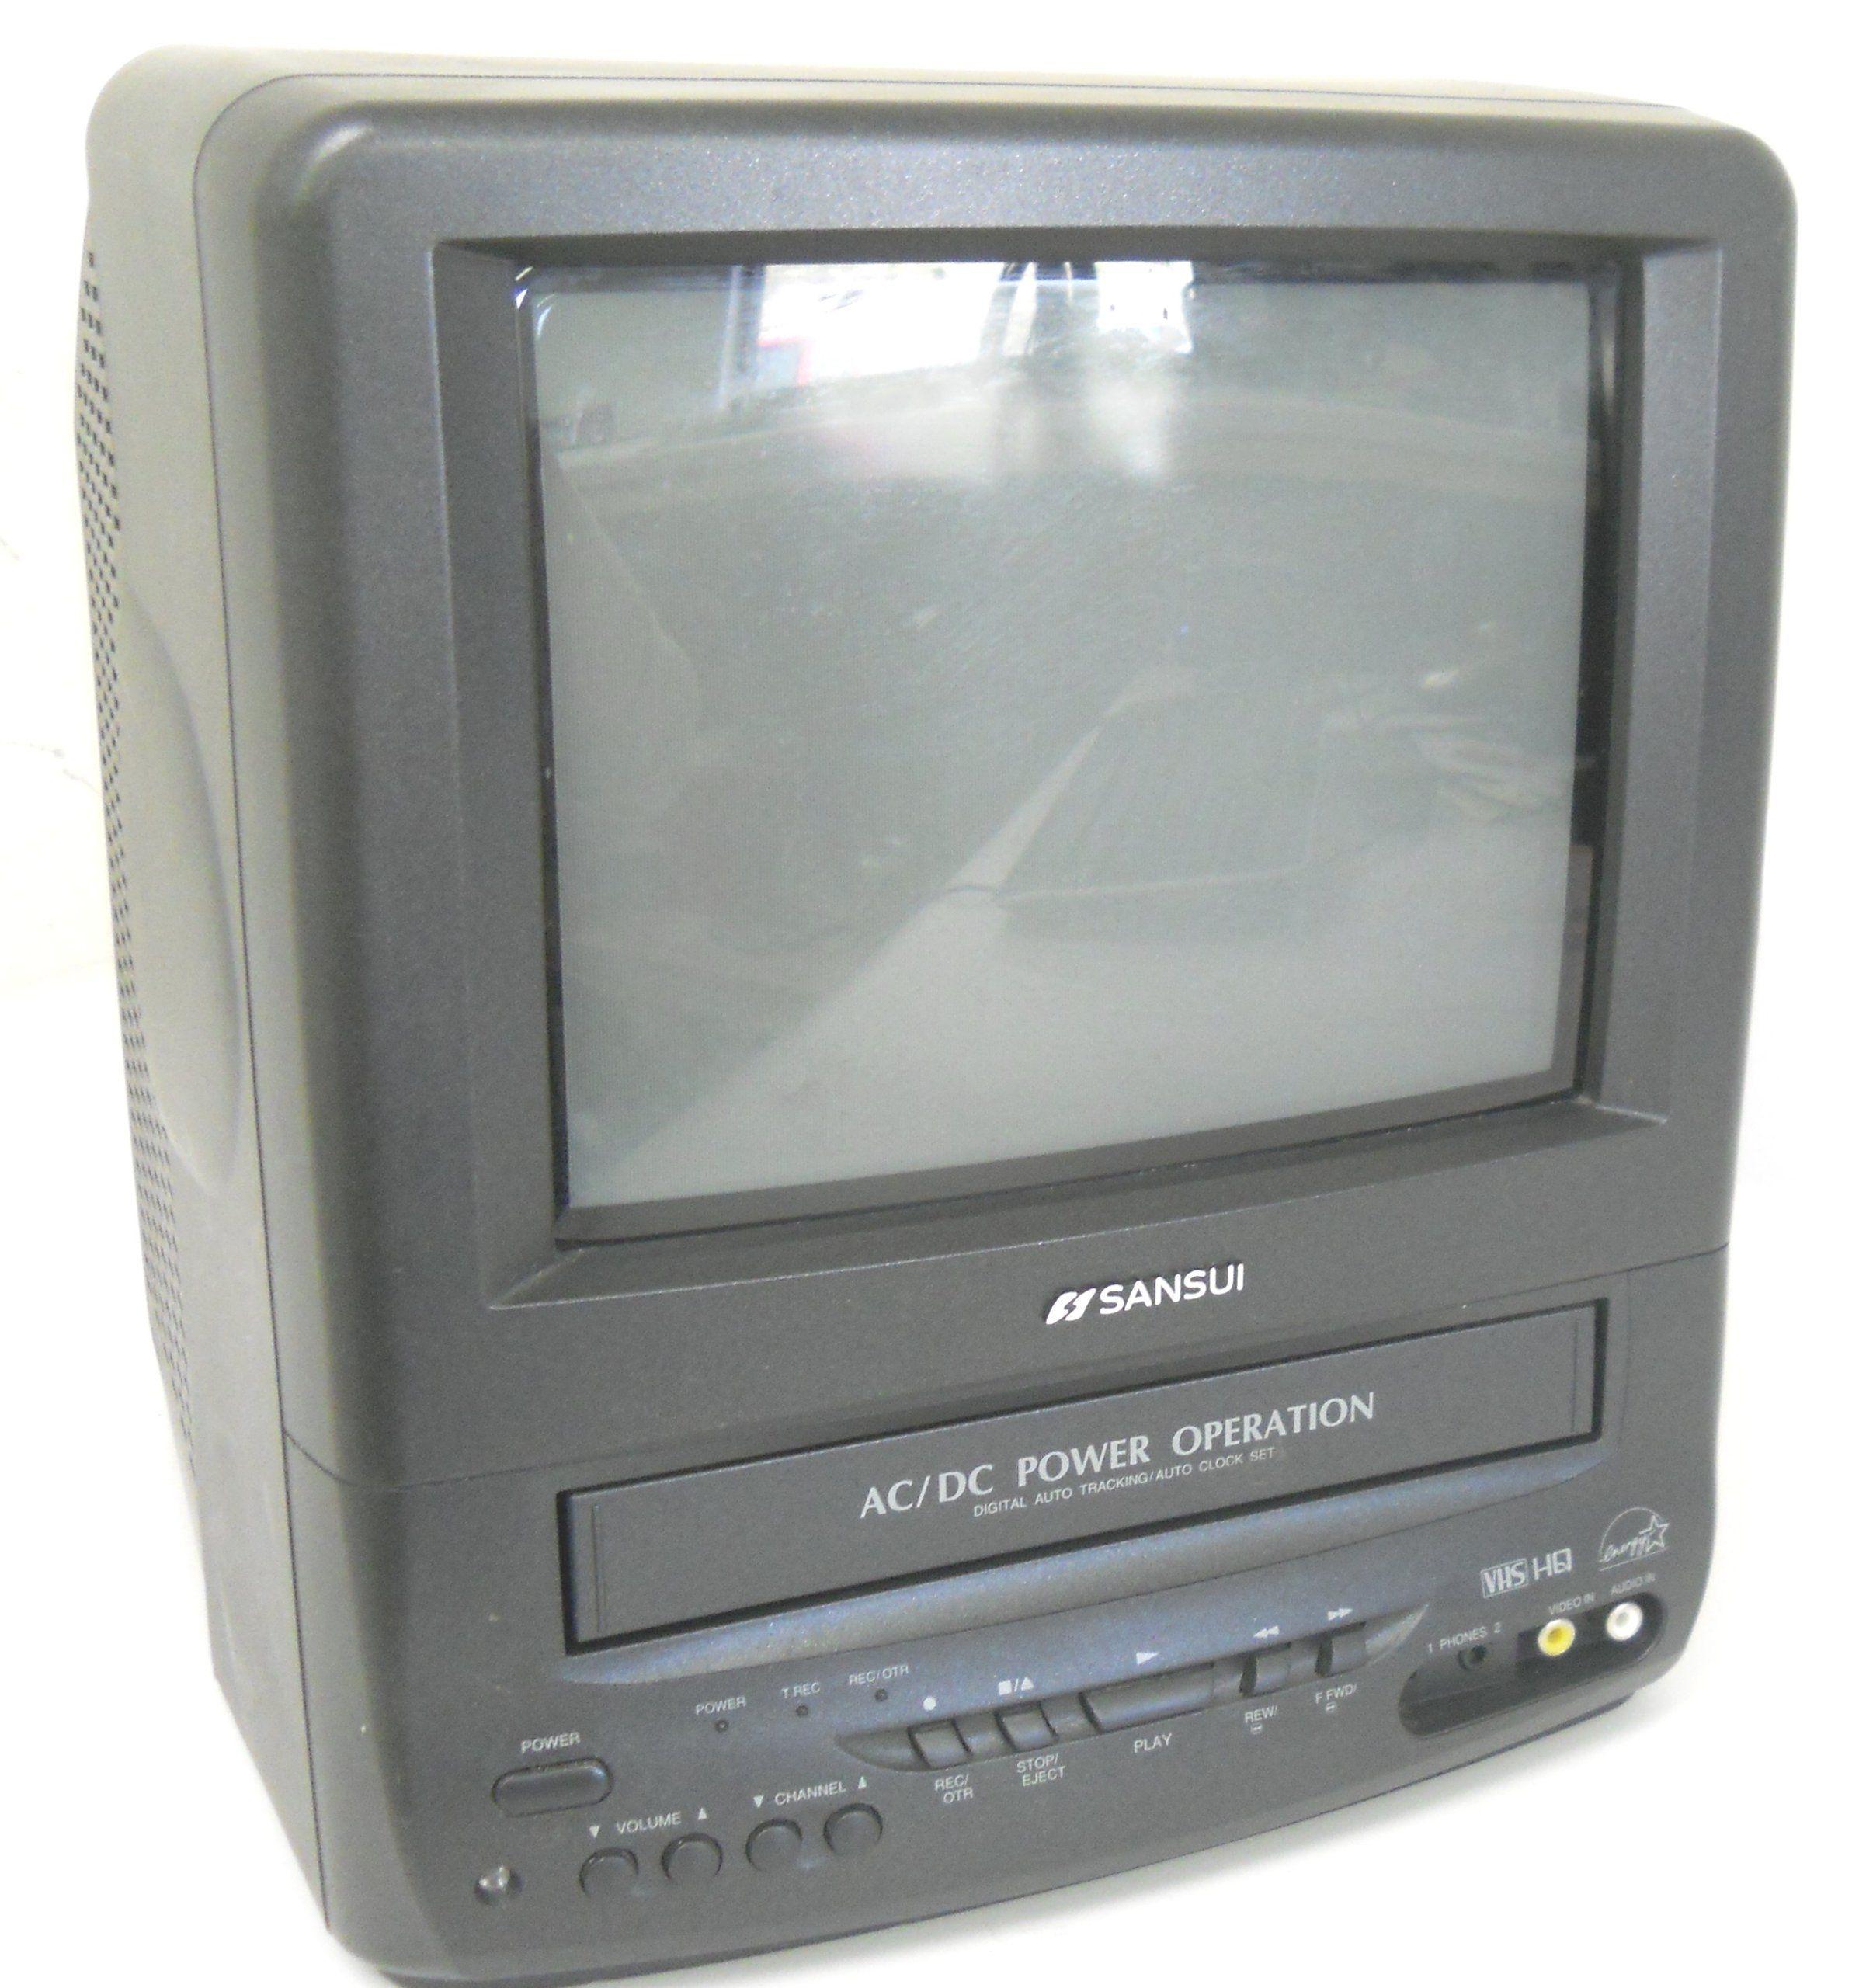 Sansui com0961b 9 color tv vcr combo portable handheld tvs sansui com0961b 9 color tv vcr combo publicscrutiny Images